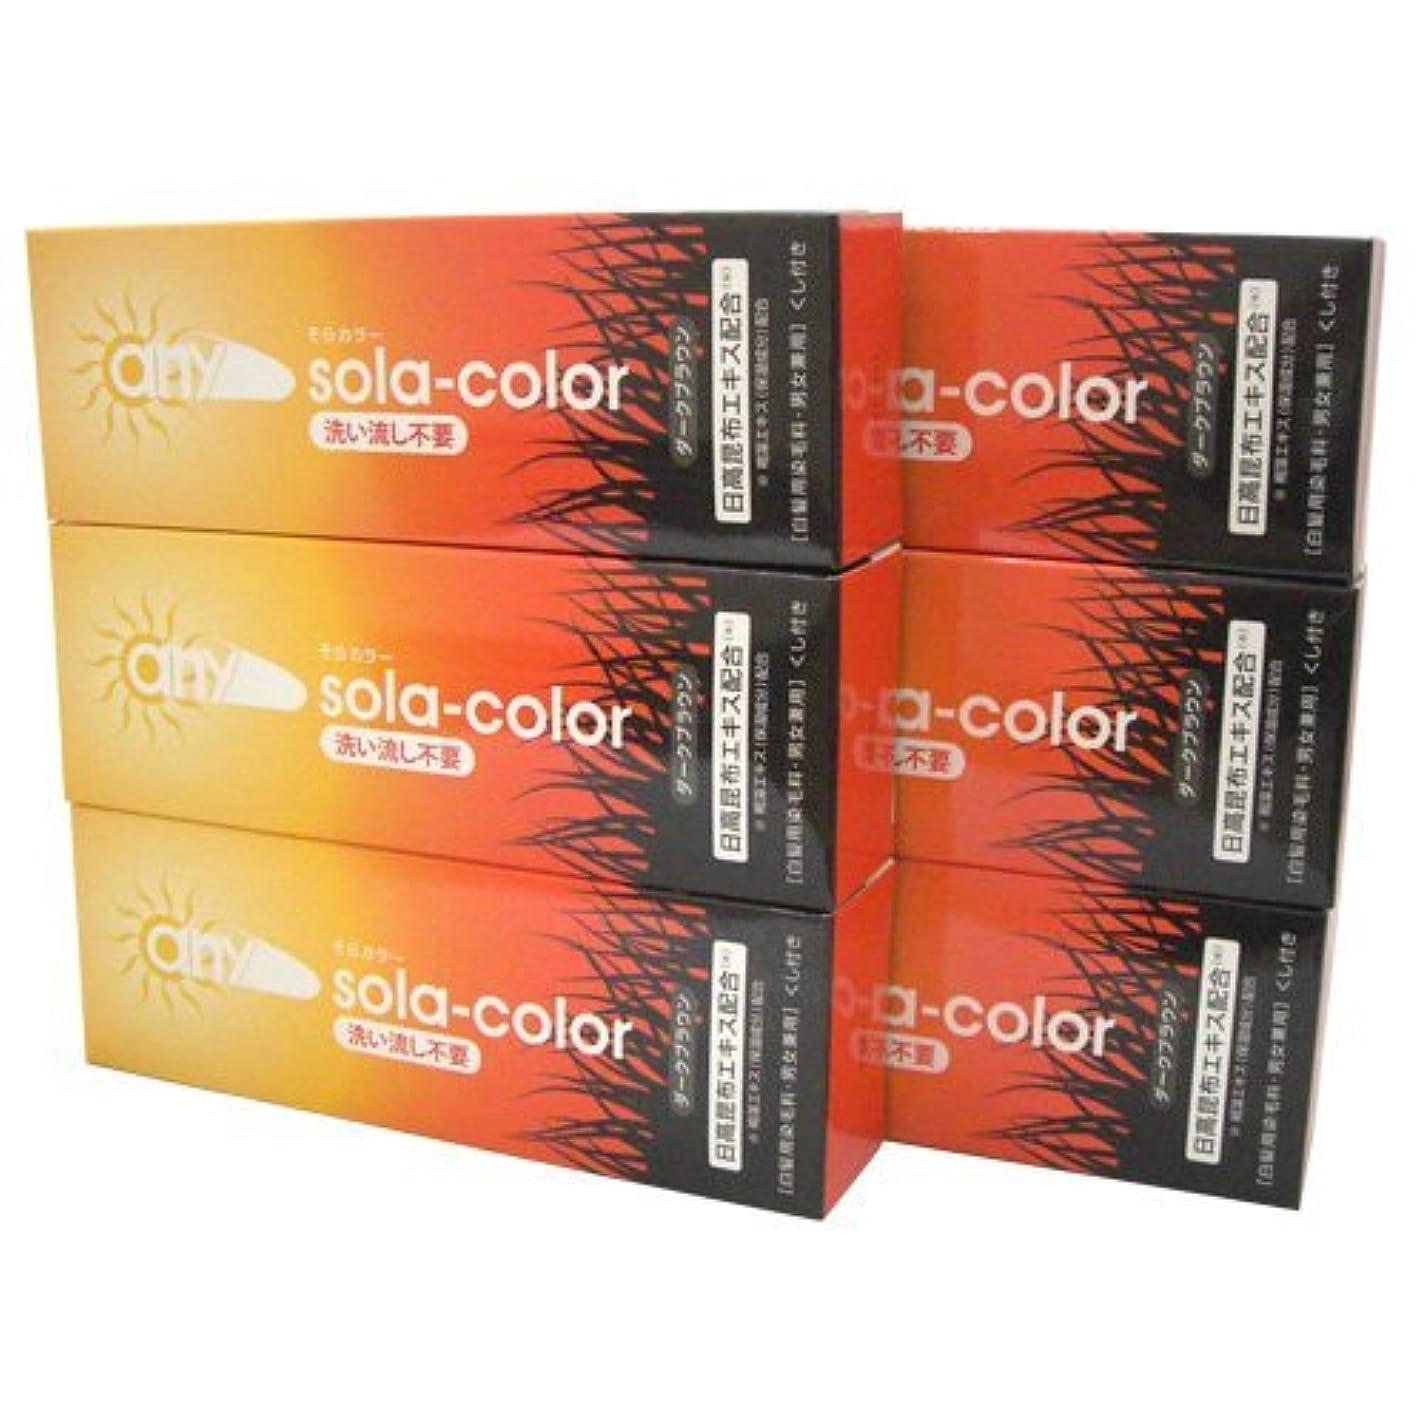 一時的小包排出そらカラー (sola-color) 光ヘアクリーム 80g ダークブラウン x6個セット